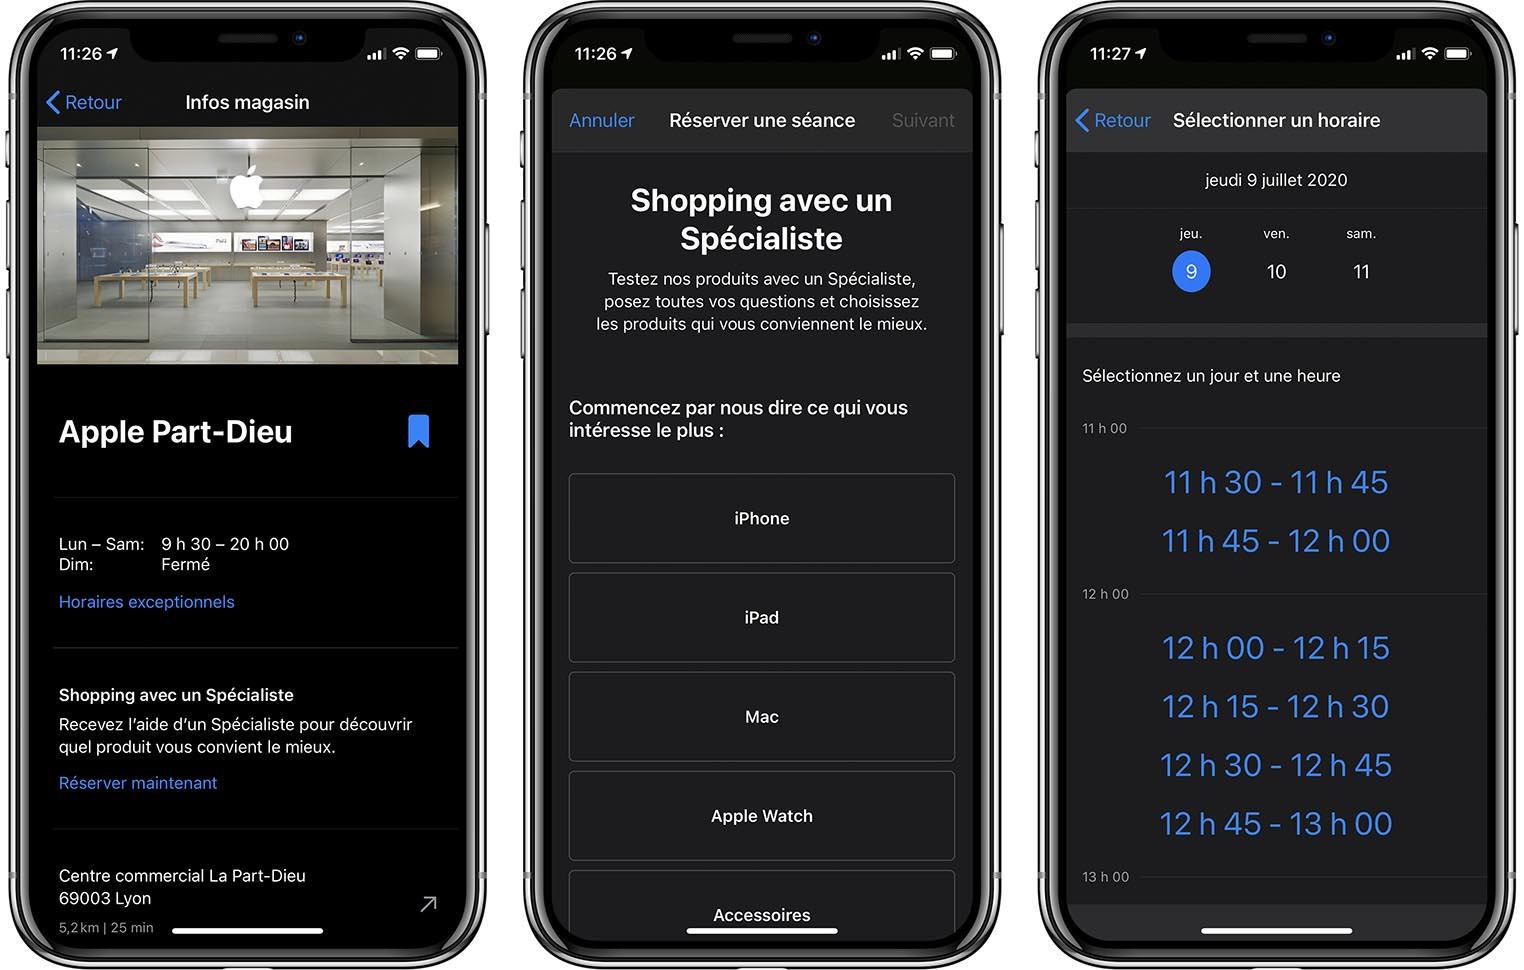 Apple spécialiste shopping créneaux